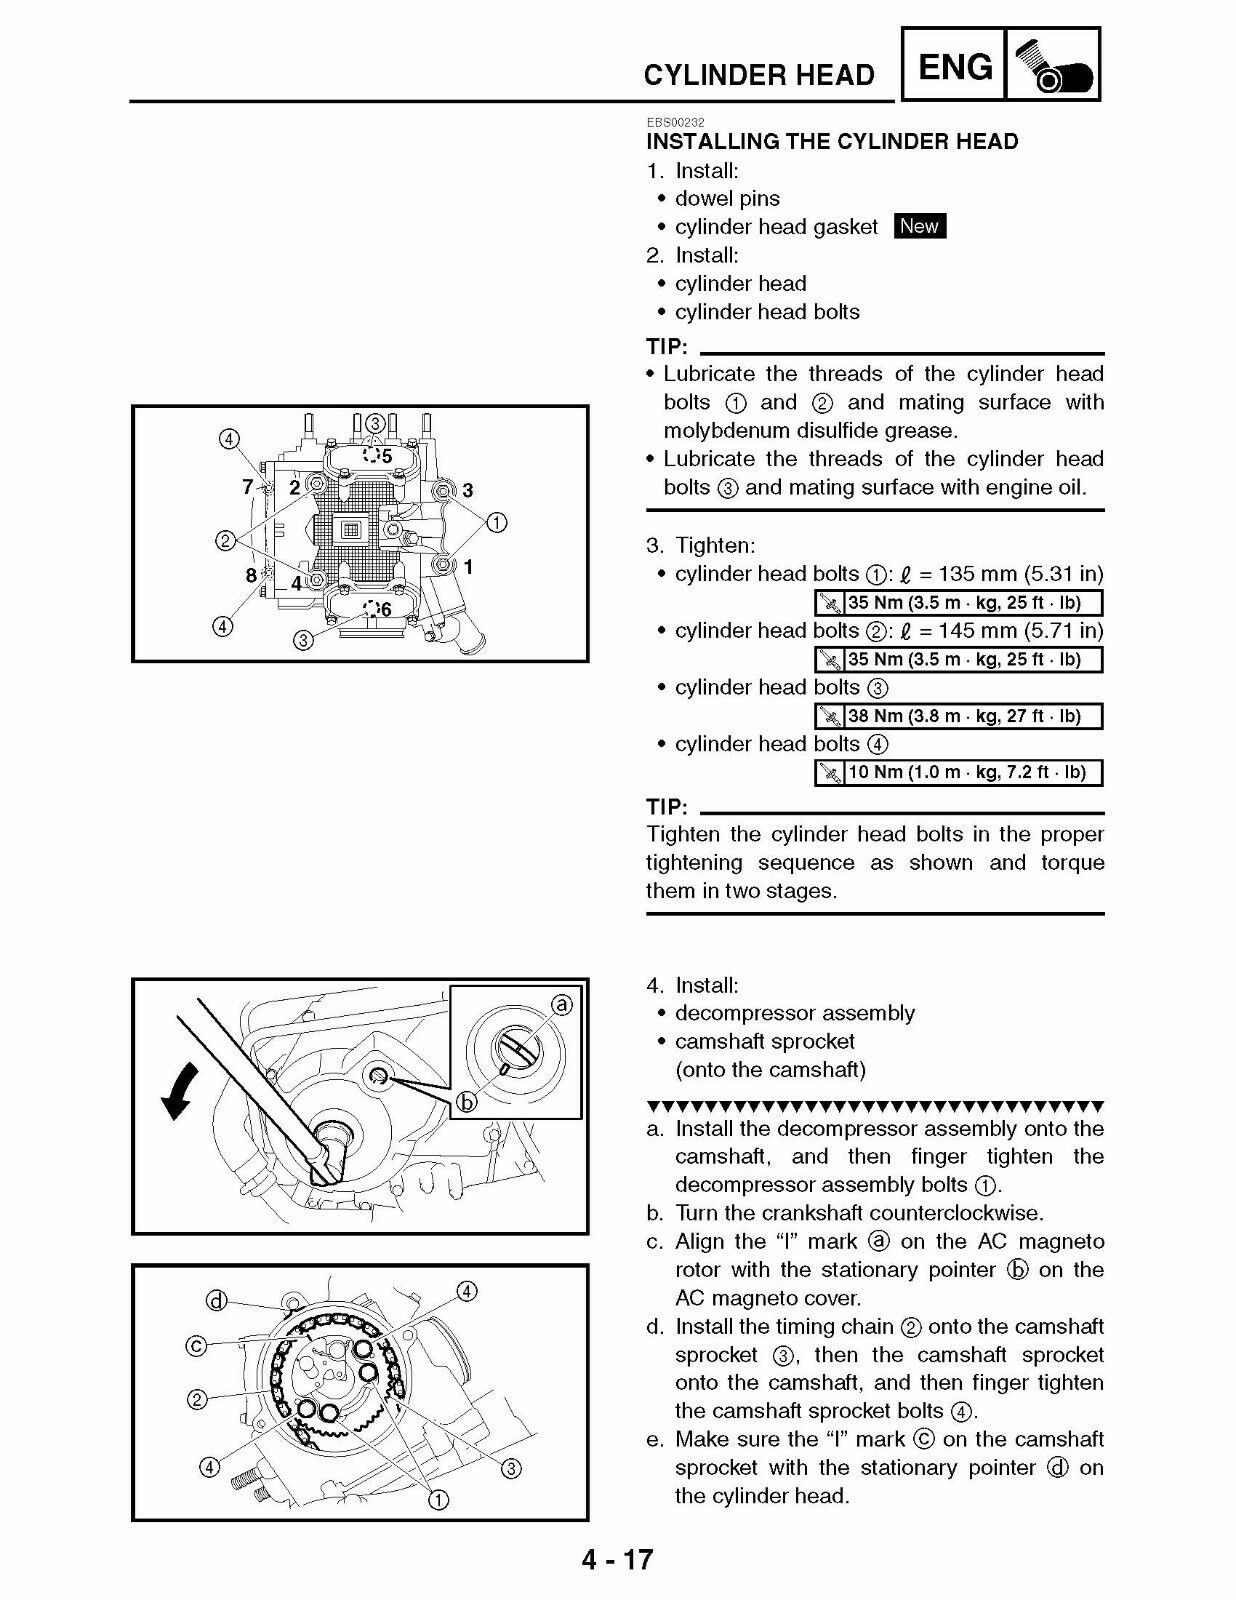 drz400 headlight wiring diagram 2001 delco radio ford e diagrams schematic fuse block